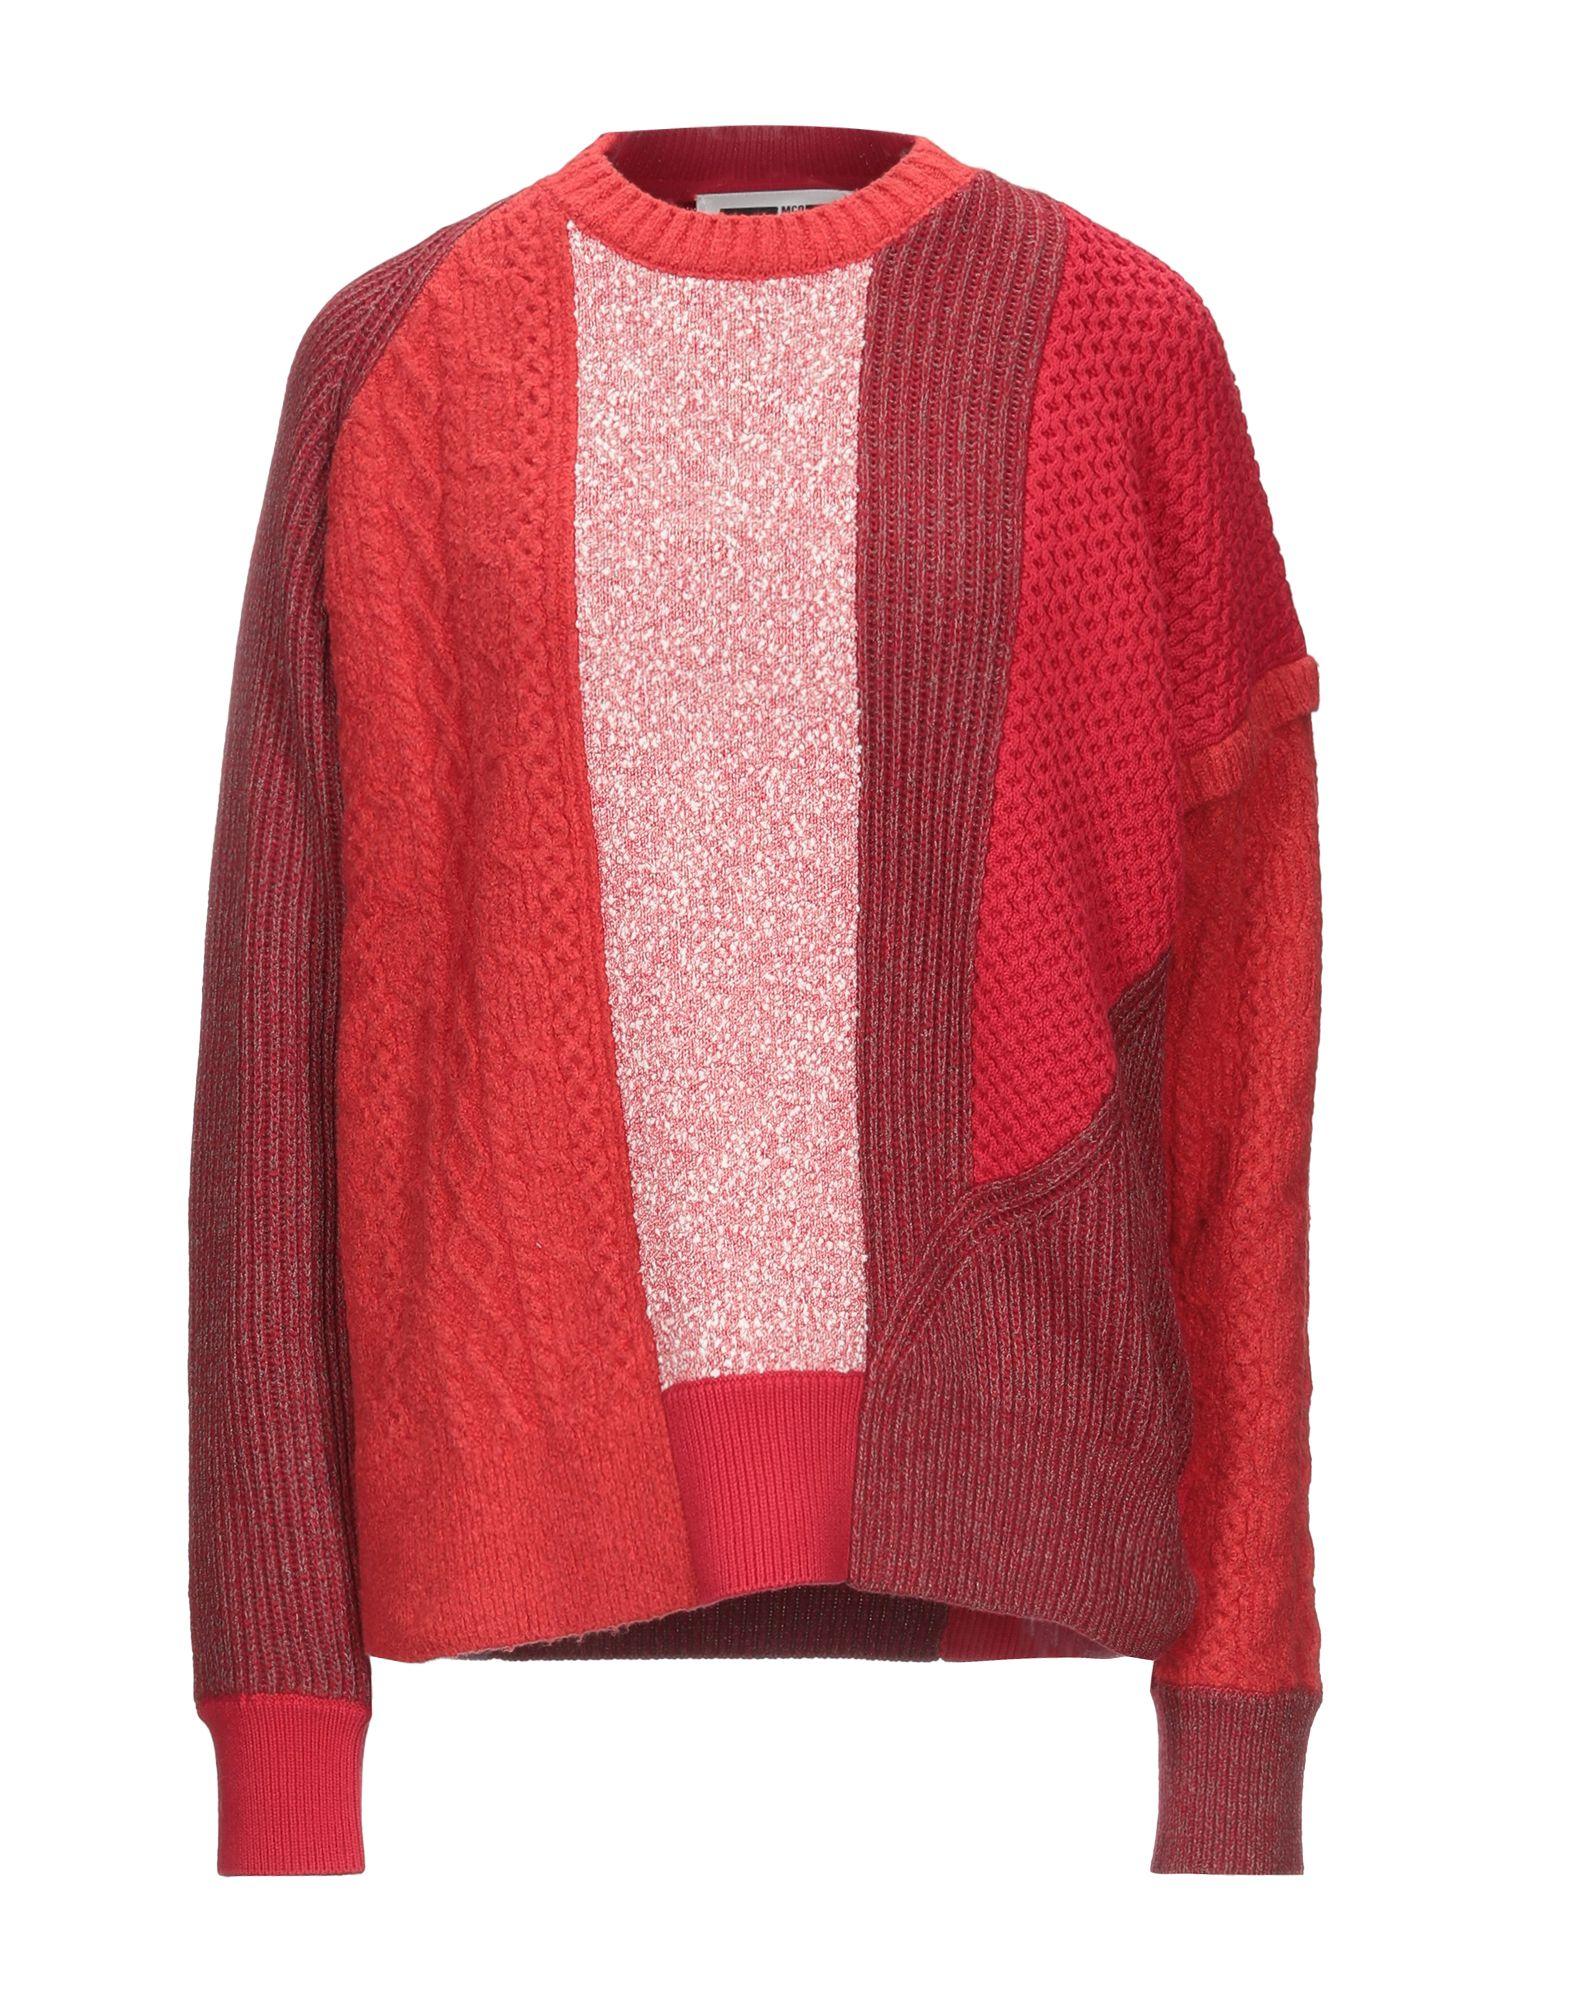 McQ Alexander McQueen Sweaters - Item 14069756